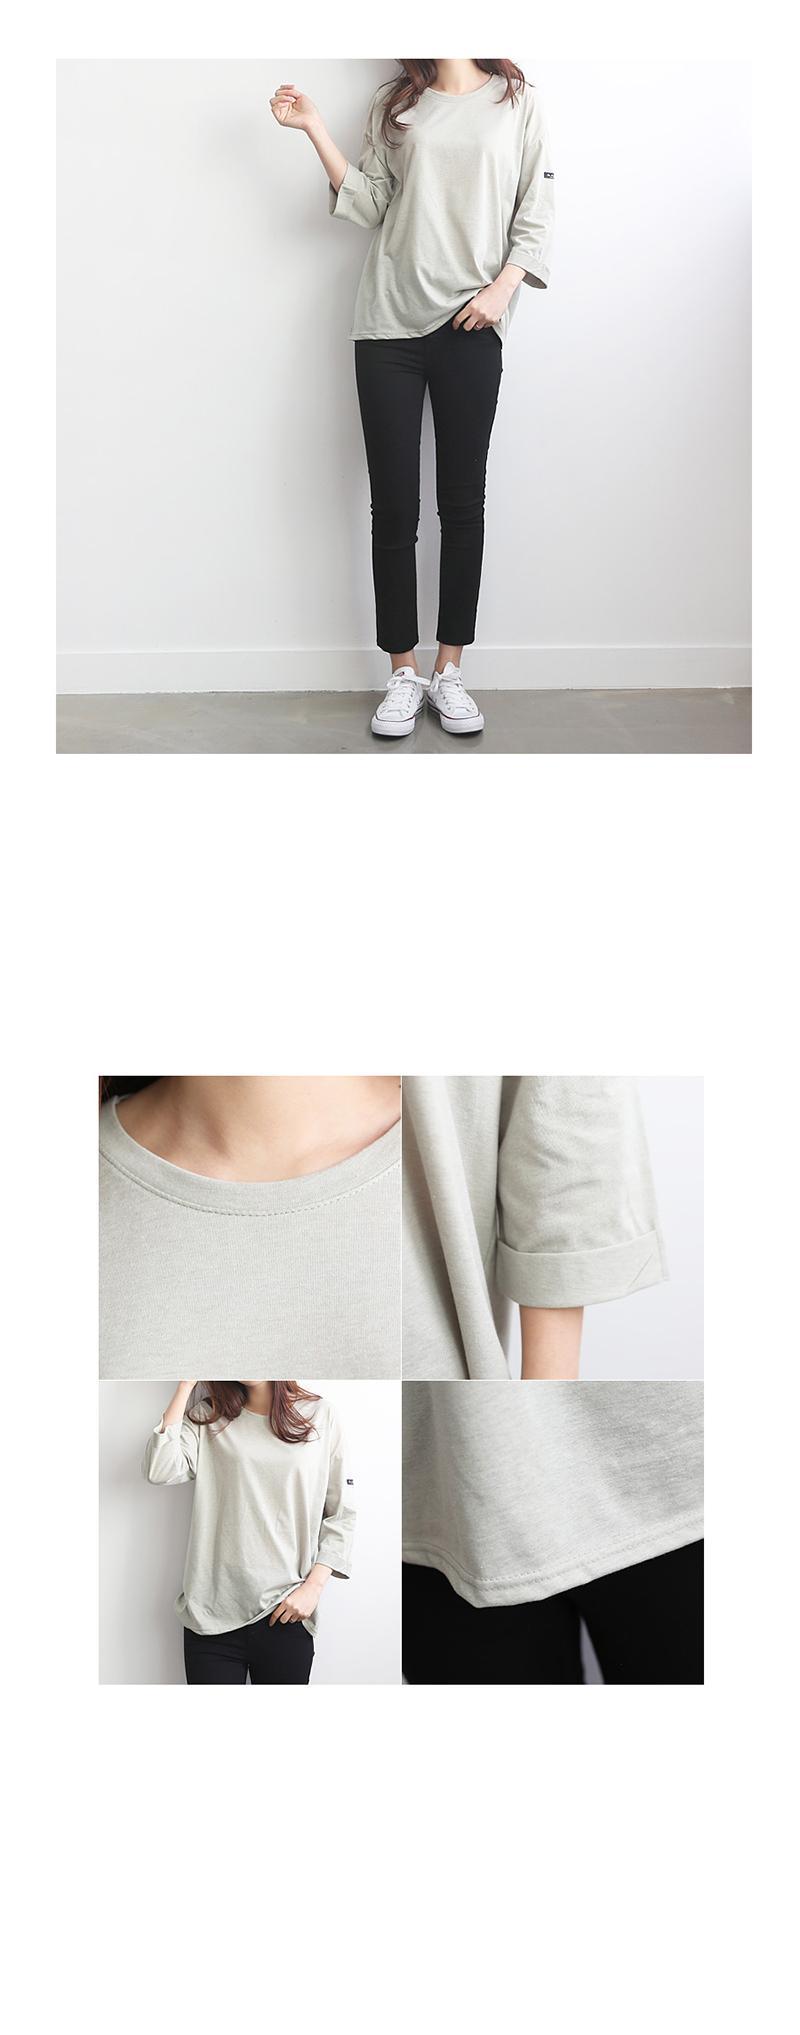 袖口反摺純色上衣